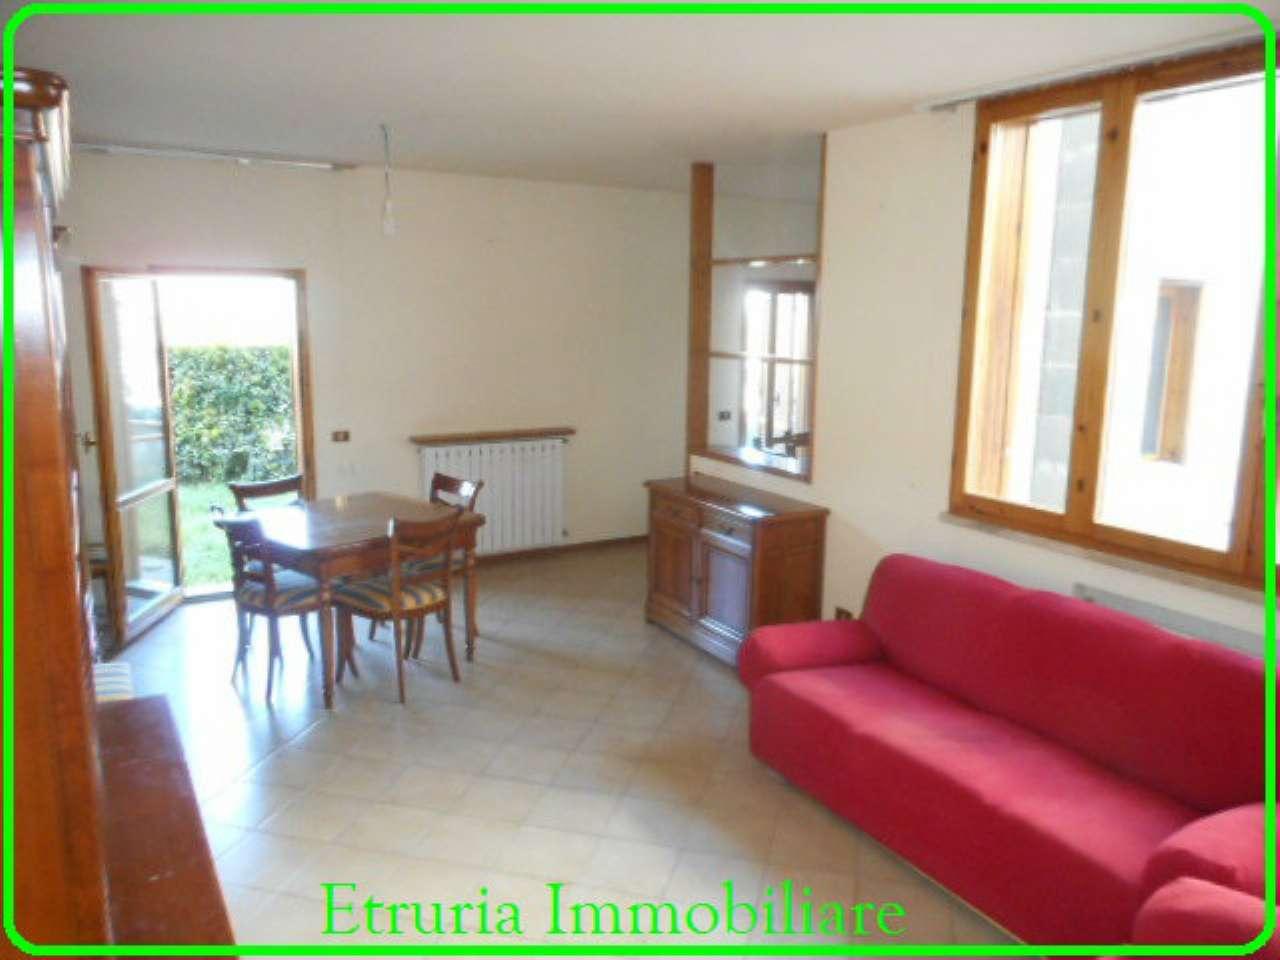 Palazzo / Stabile in vendita a Pistoia, 5 locali, prezzo € 250.000 | Cambio Casa.it